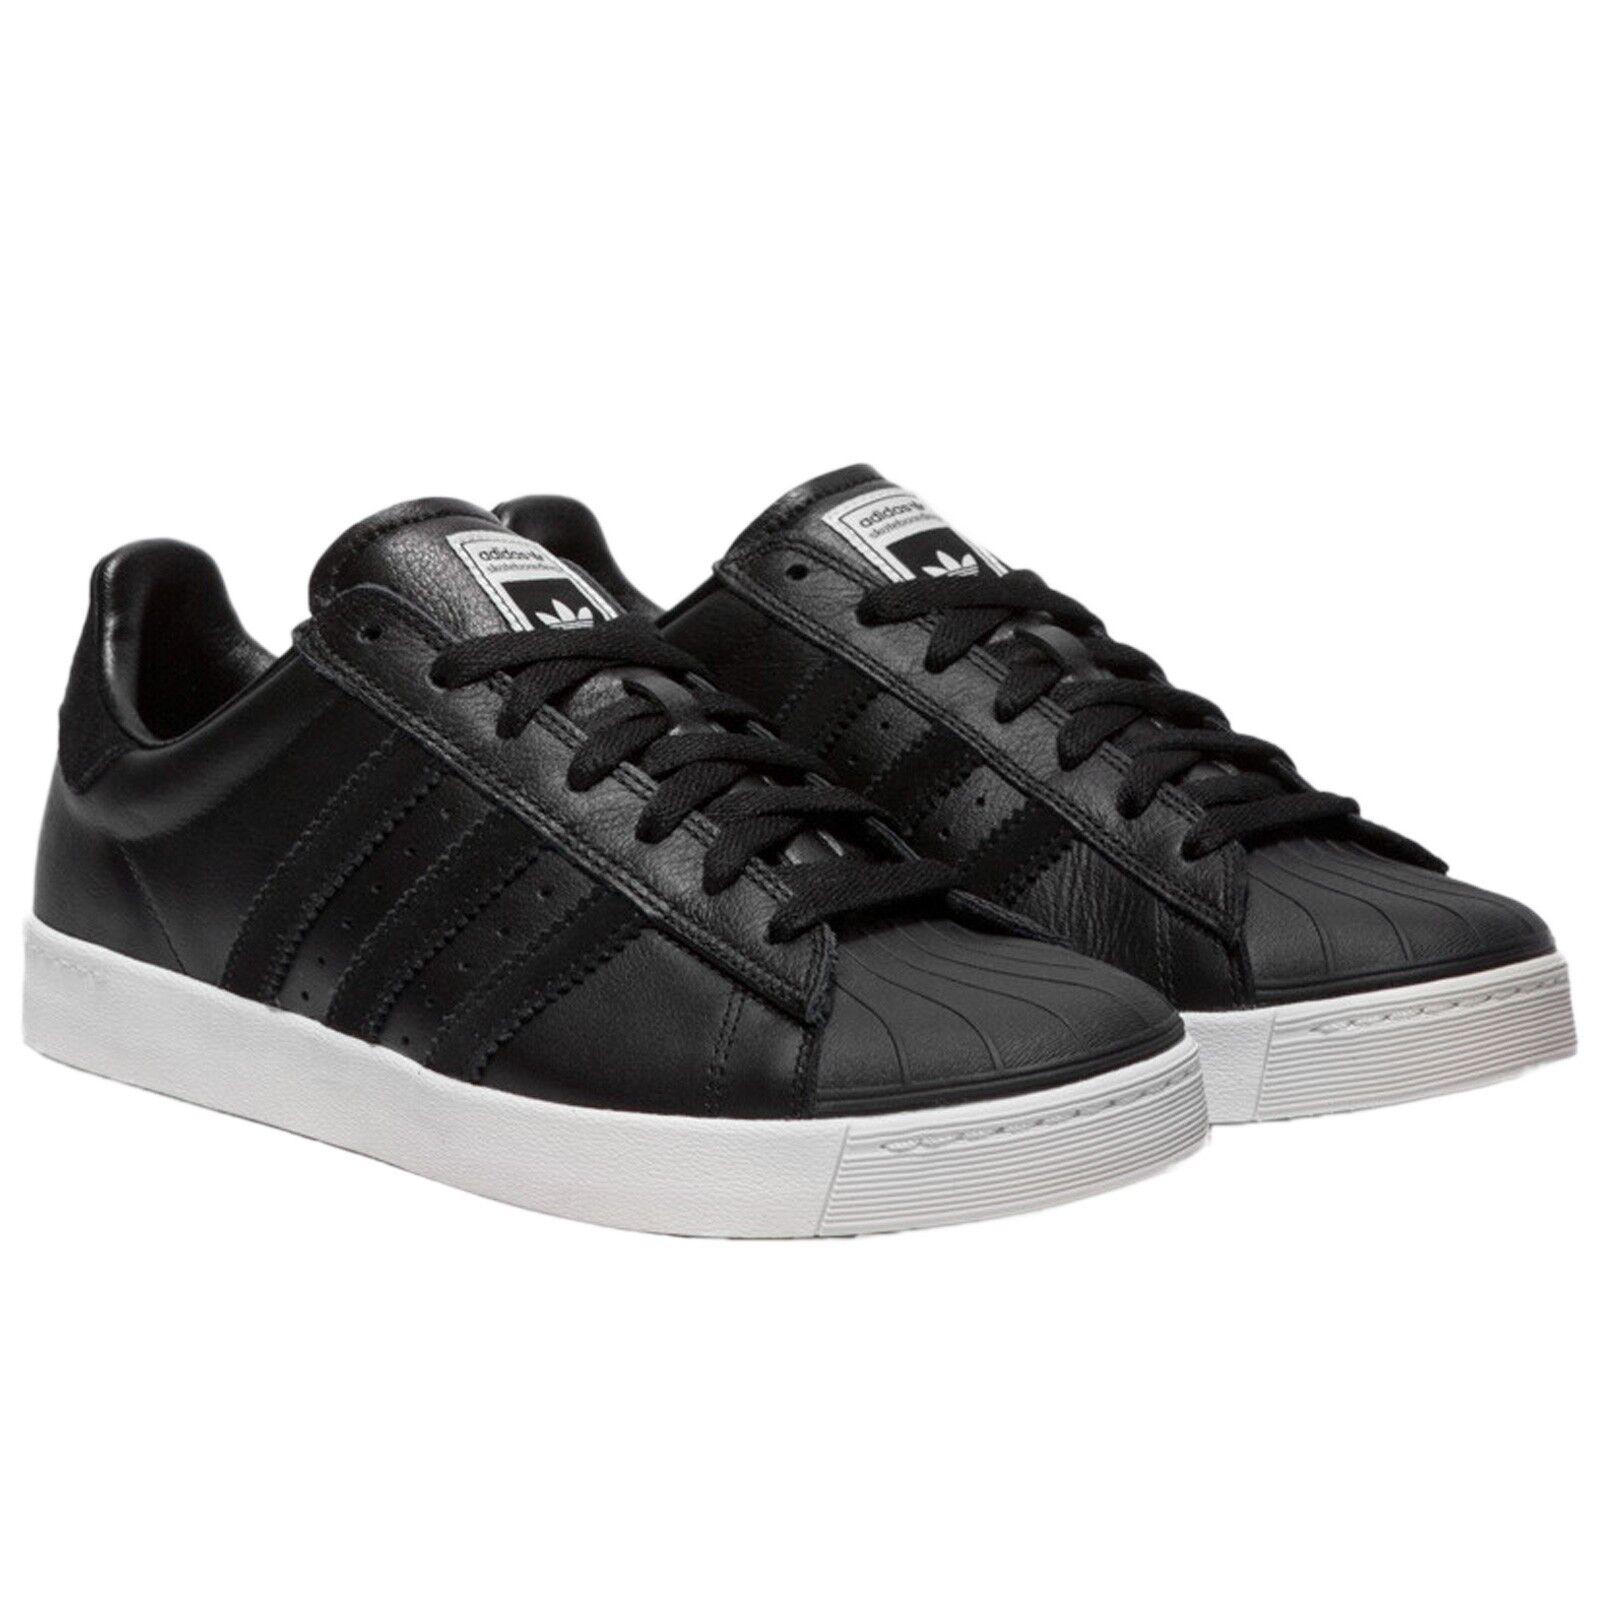 adidas scarpe originals superstar vulc adv scarpe adidas sneaker pelle nero classici 8ffdda